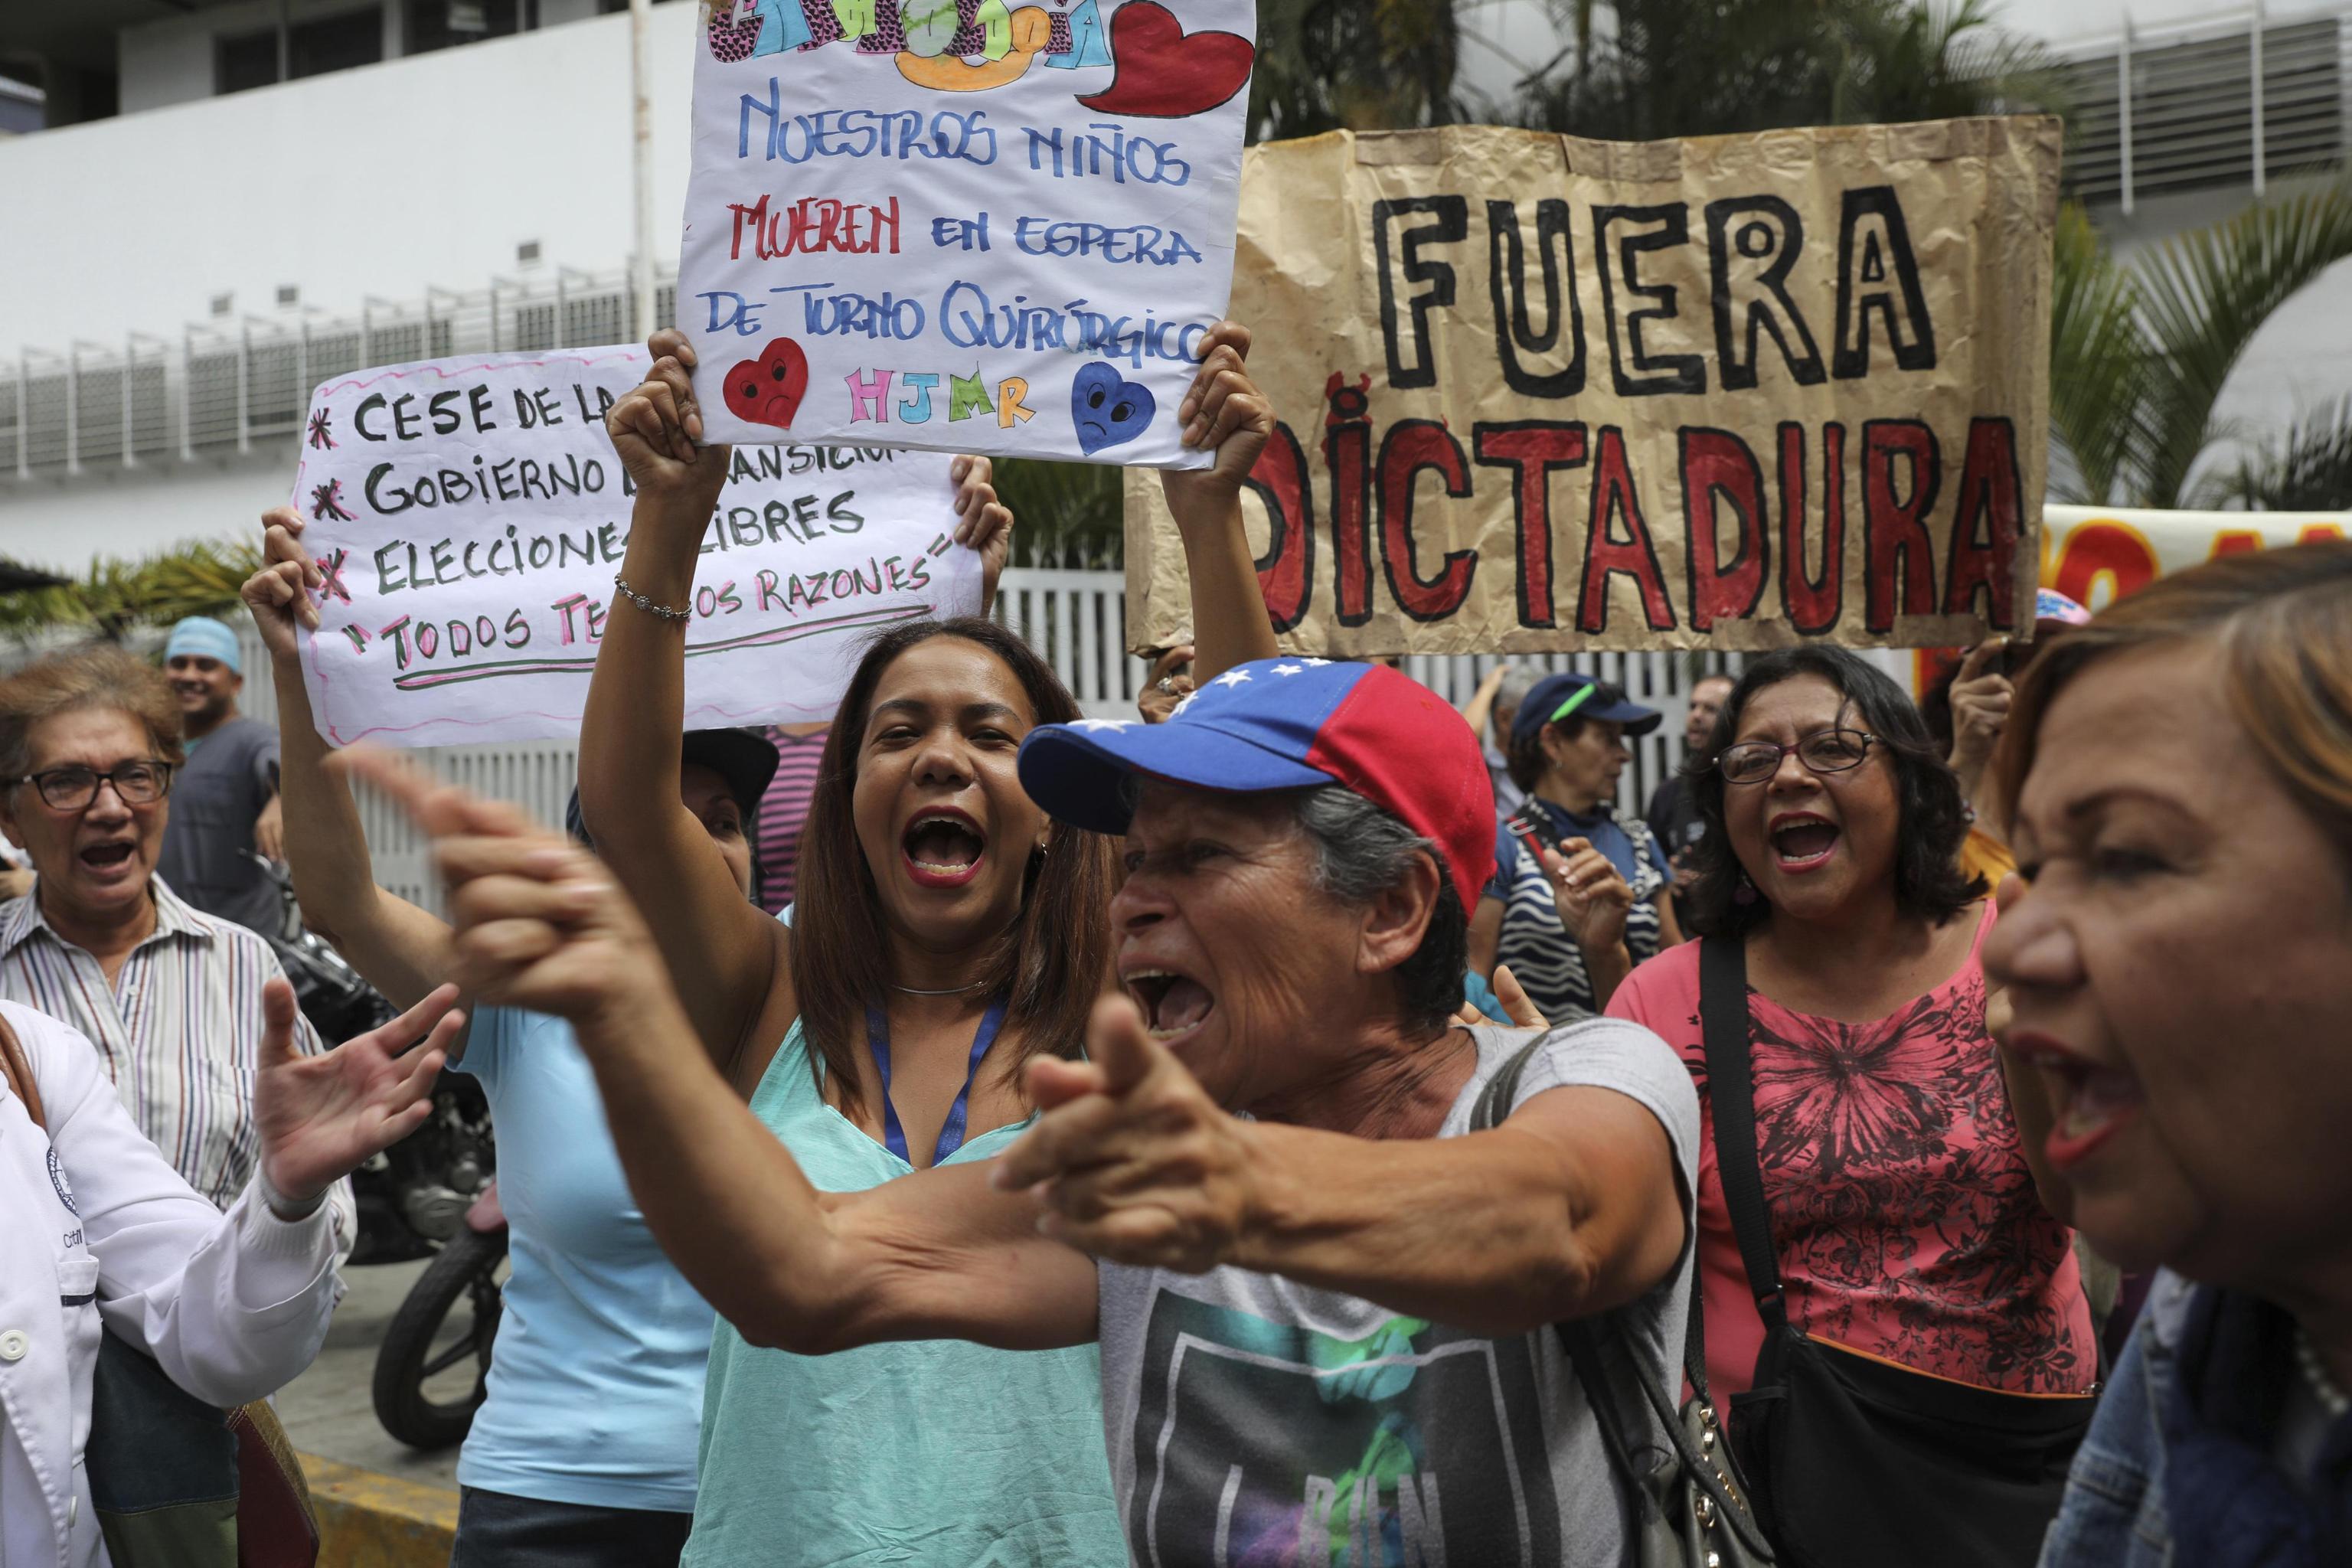 Continuano a protestare i sostenitori dell'opposizione